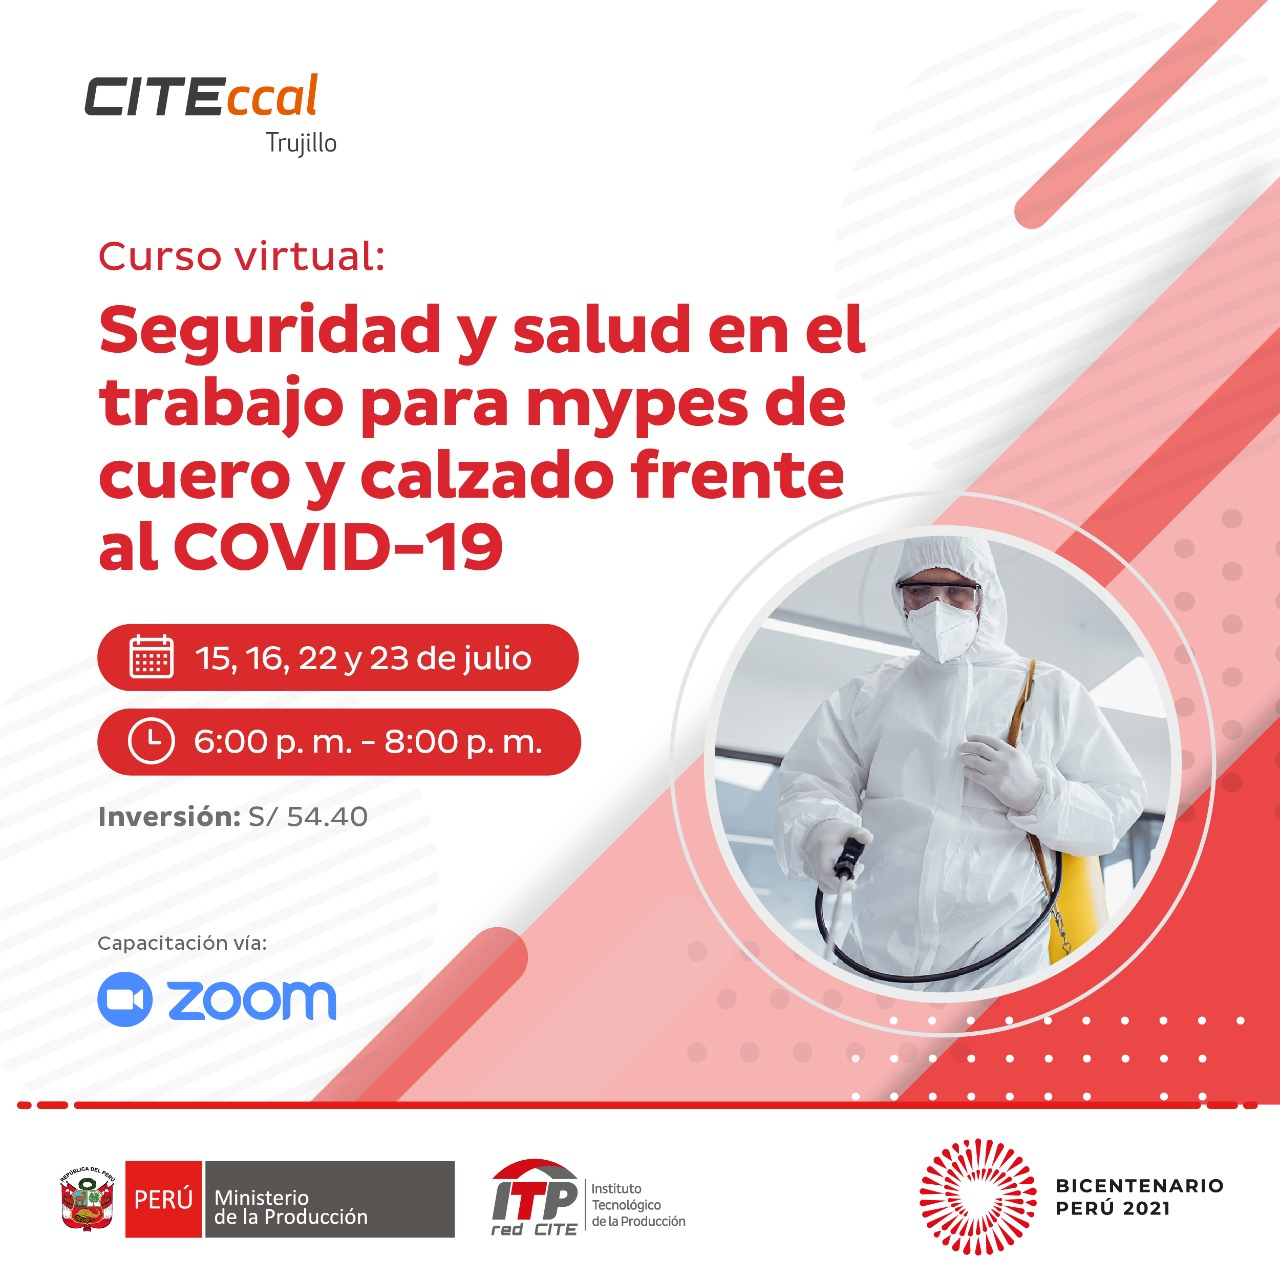 Seguridad y salud en el trabajo para mypes de cuero y calzado frente al COVID-19